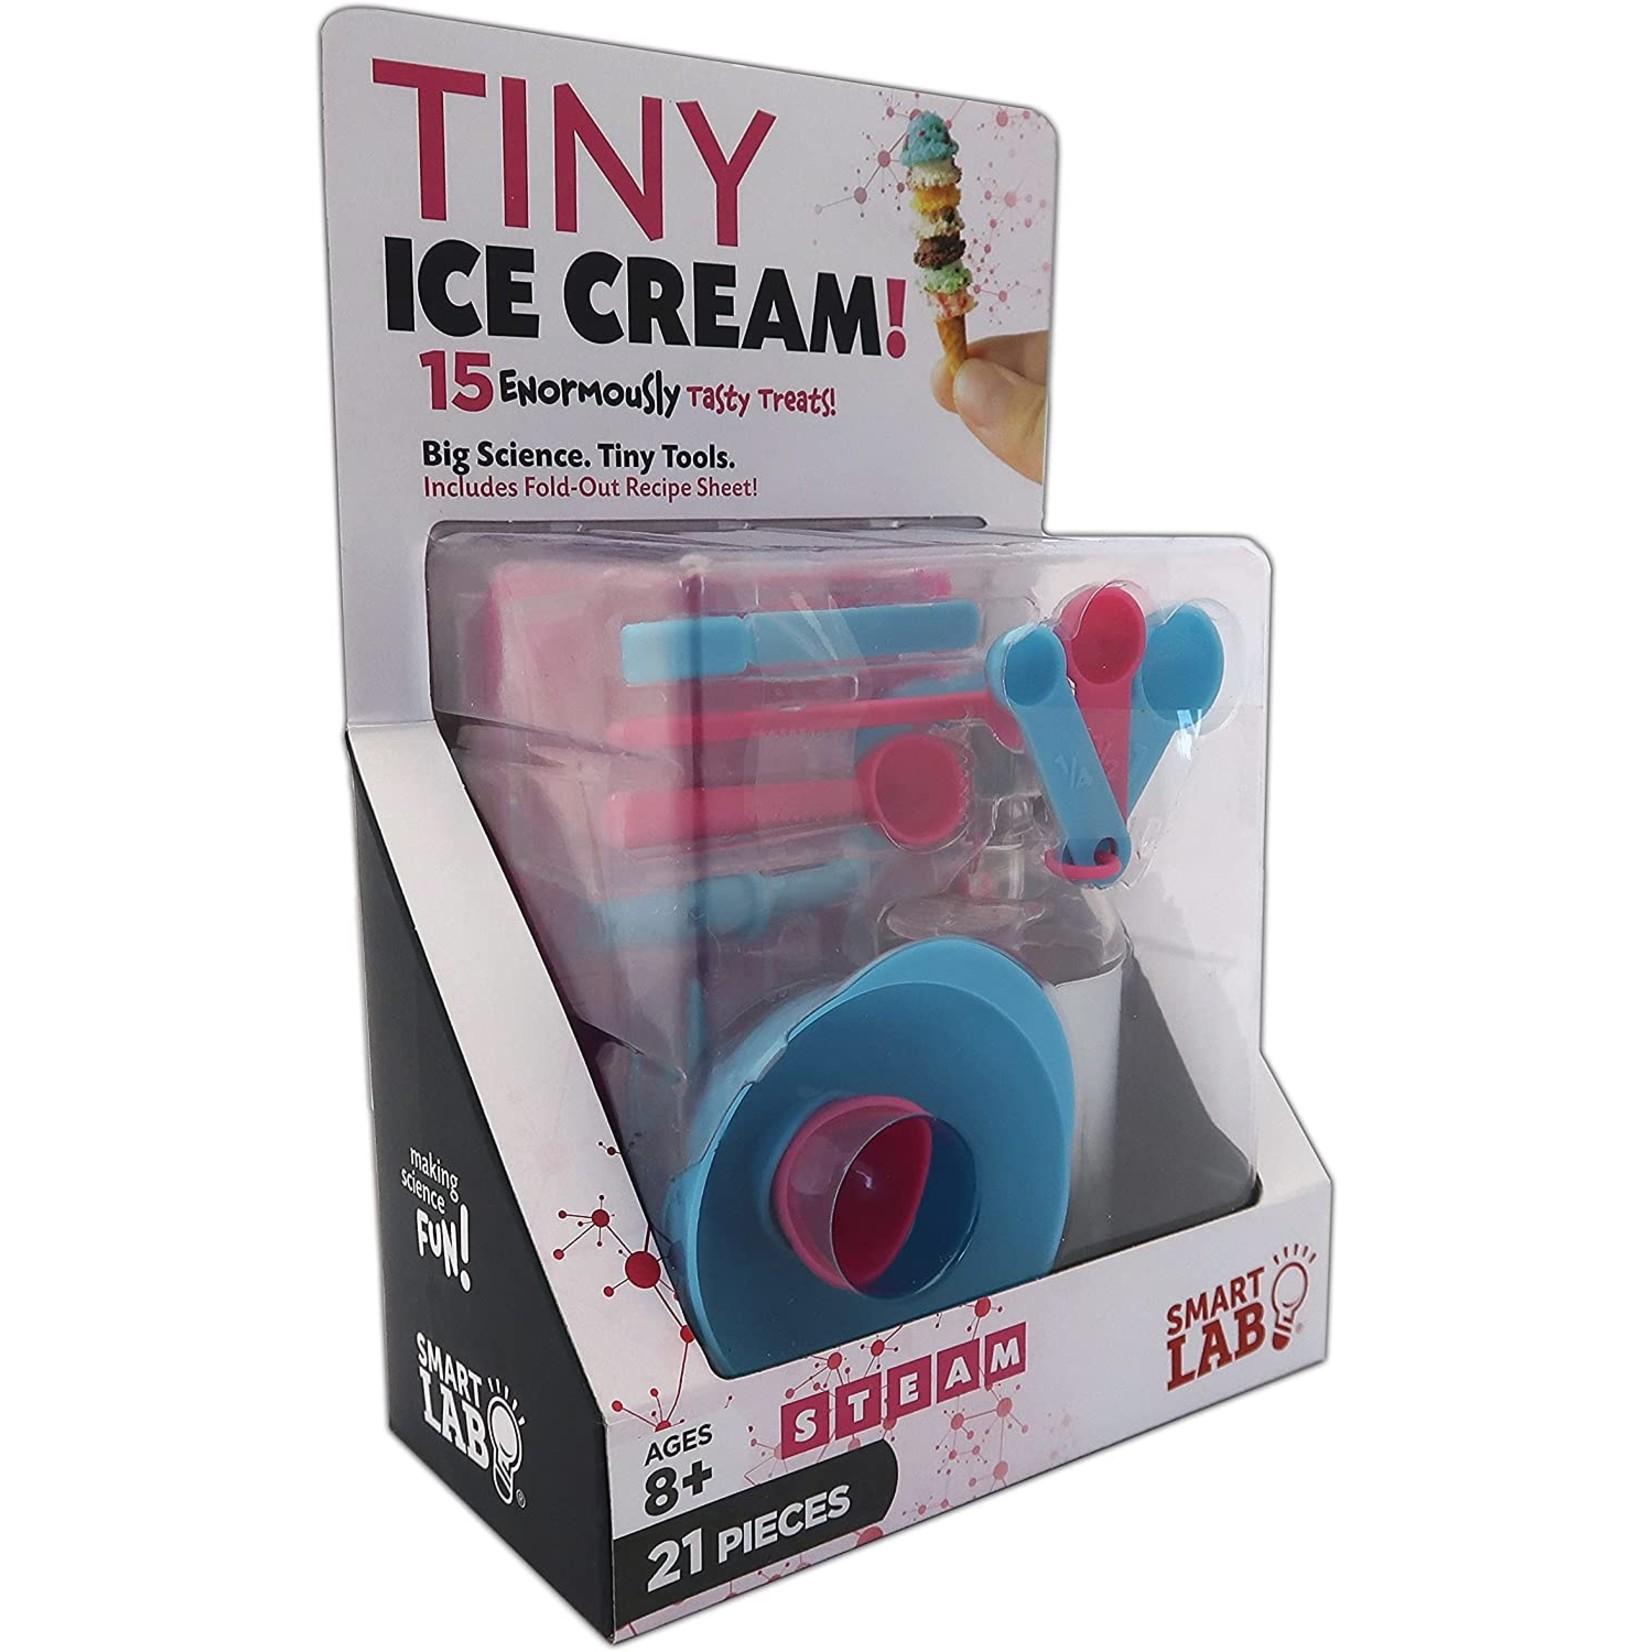 Tiny Ice Cream